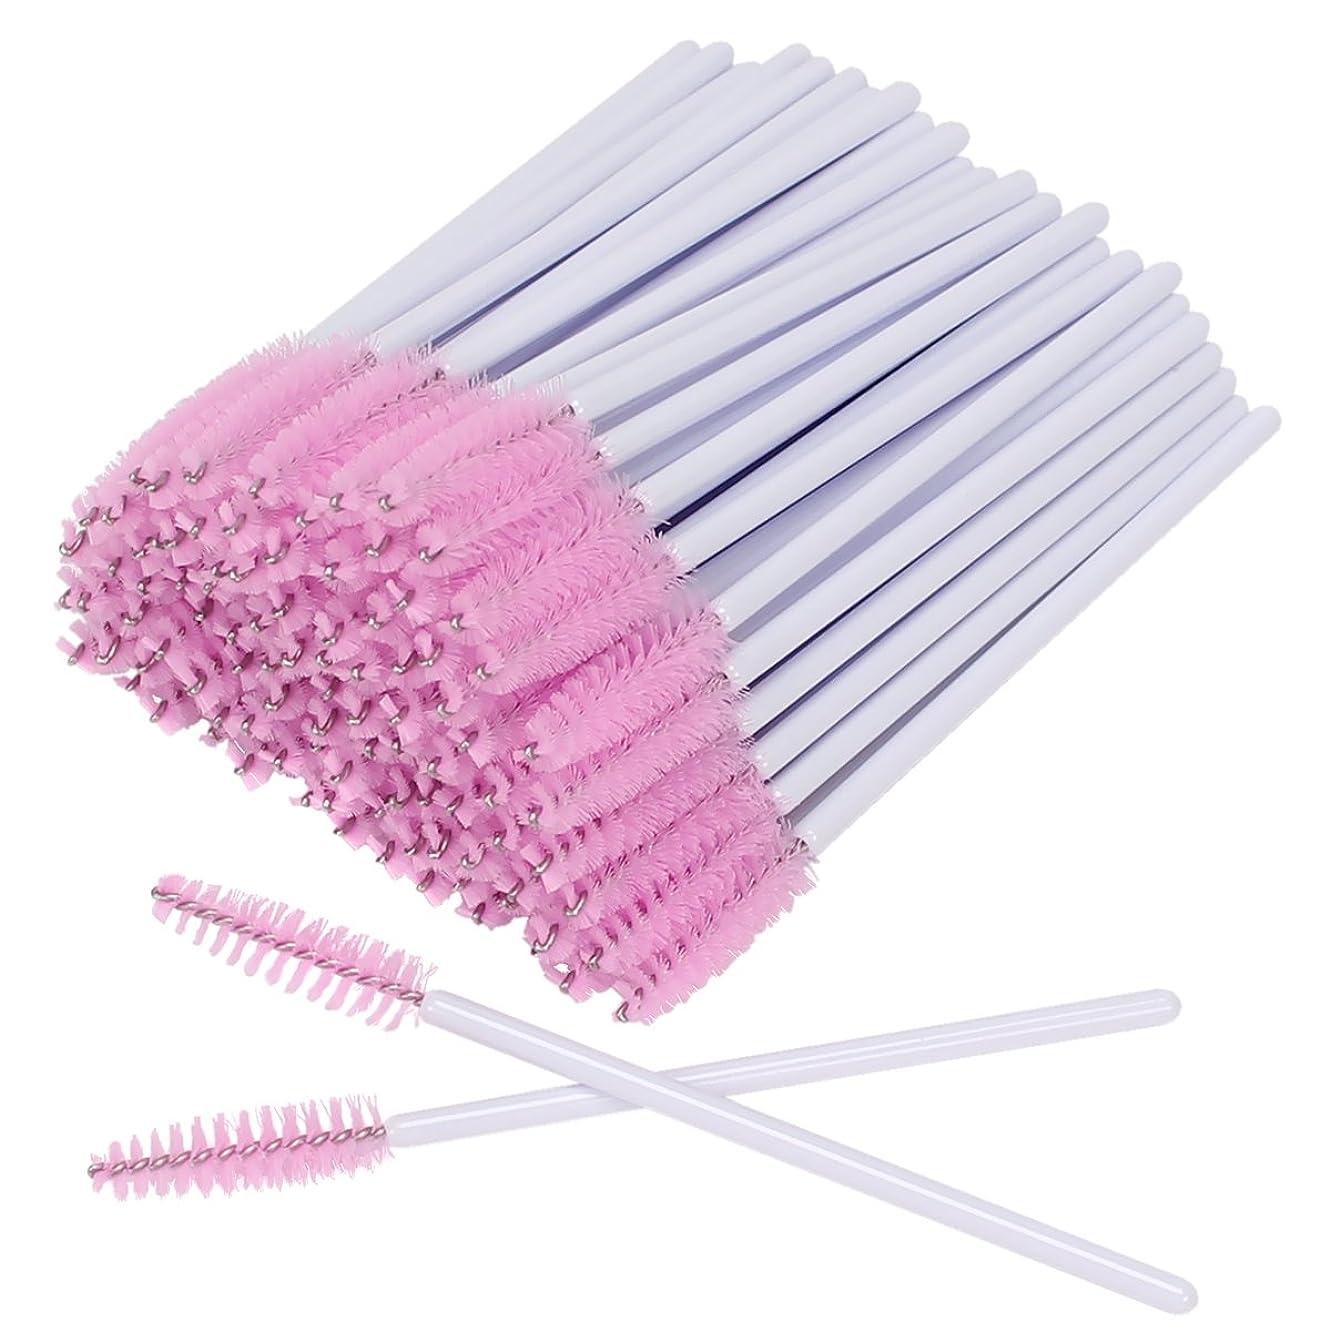 ヨーロッパ盲目代表団Akstore 100ピース使い捨てまつげはマスカラワンドアイラッシュ眉ケータ化粧化粧ブラシツールキットブラシ ホワイト、ピンク